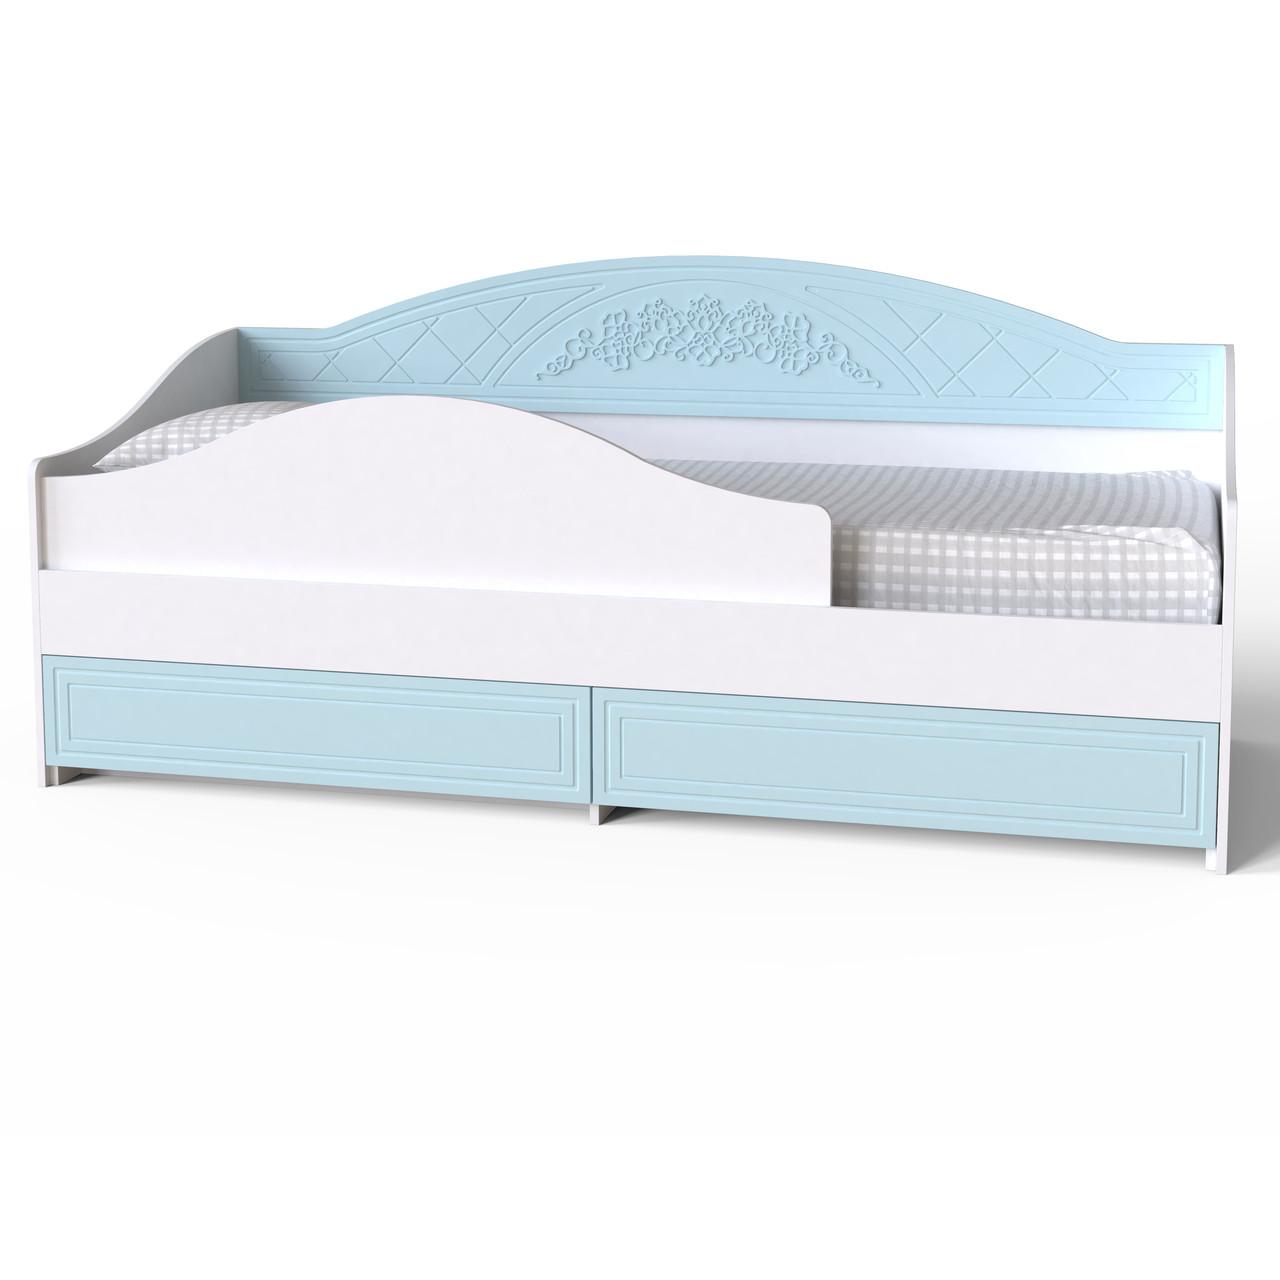 """Ліжко-тахта """"Амелі"""" 80х200 см. Блакитна лагуна"""